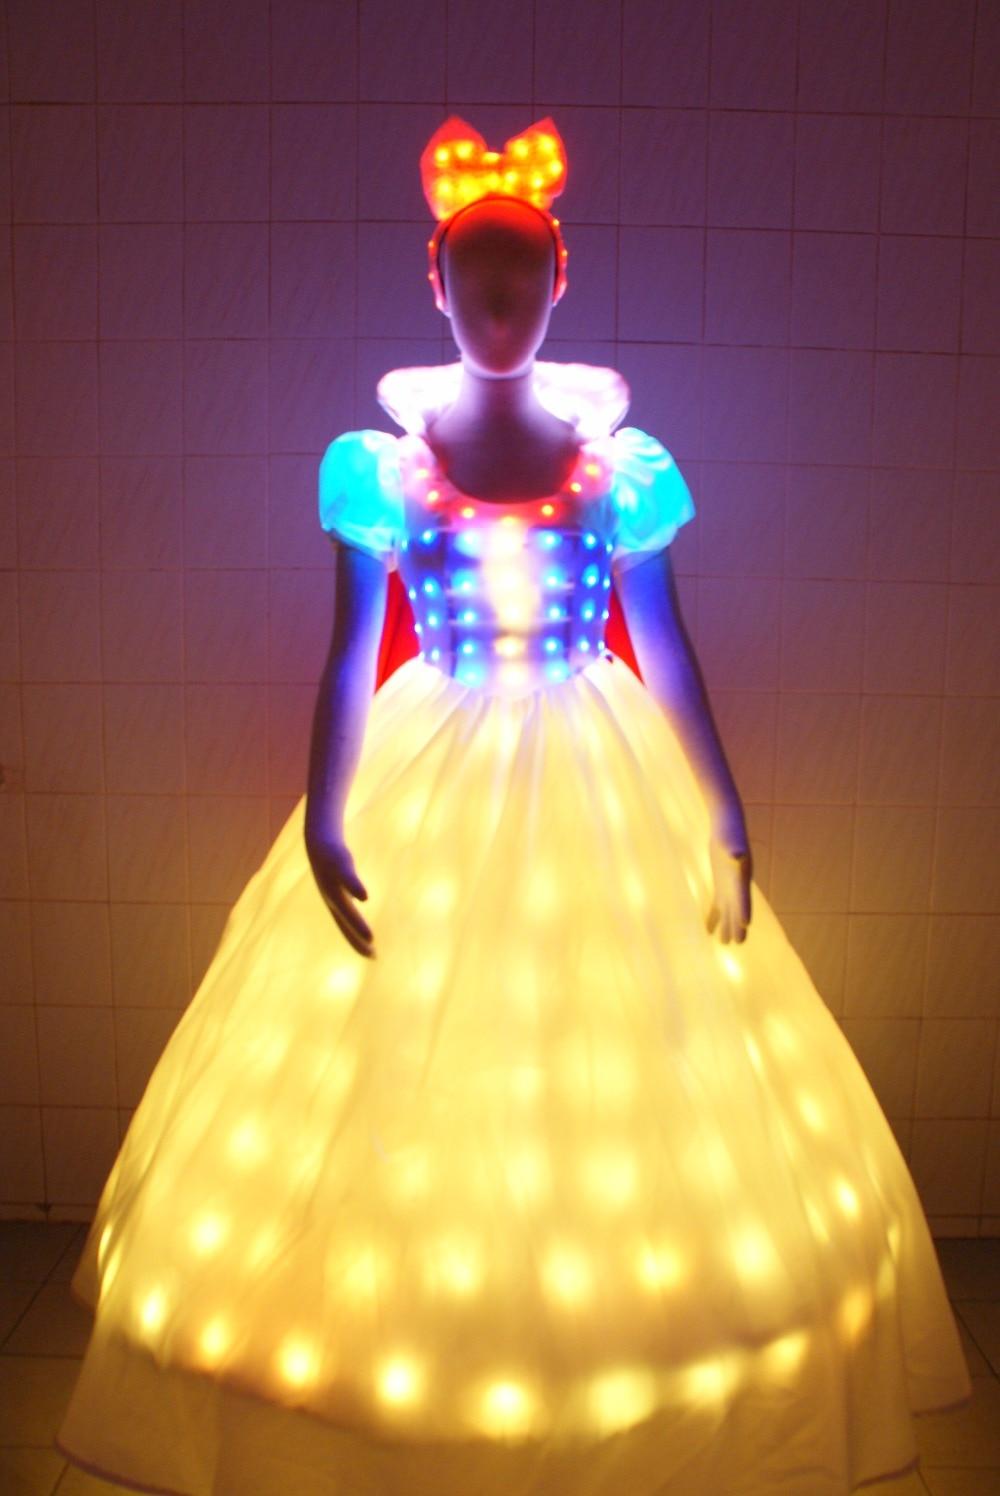 LED Bühne fluoreszierende Kostüme Anzug leuchtende Kleid zeigen - Partyartikel und Dekoration - Foto 2